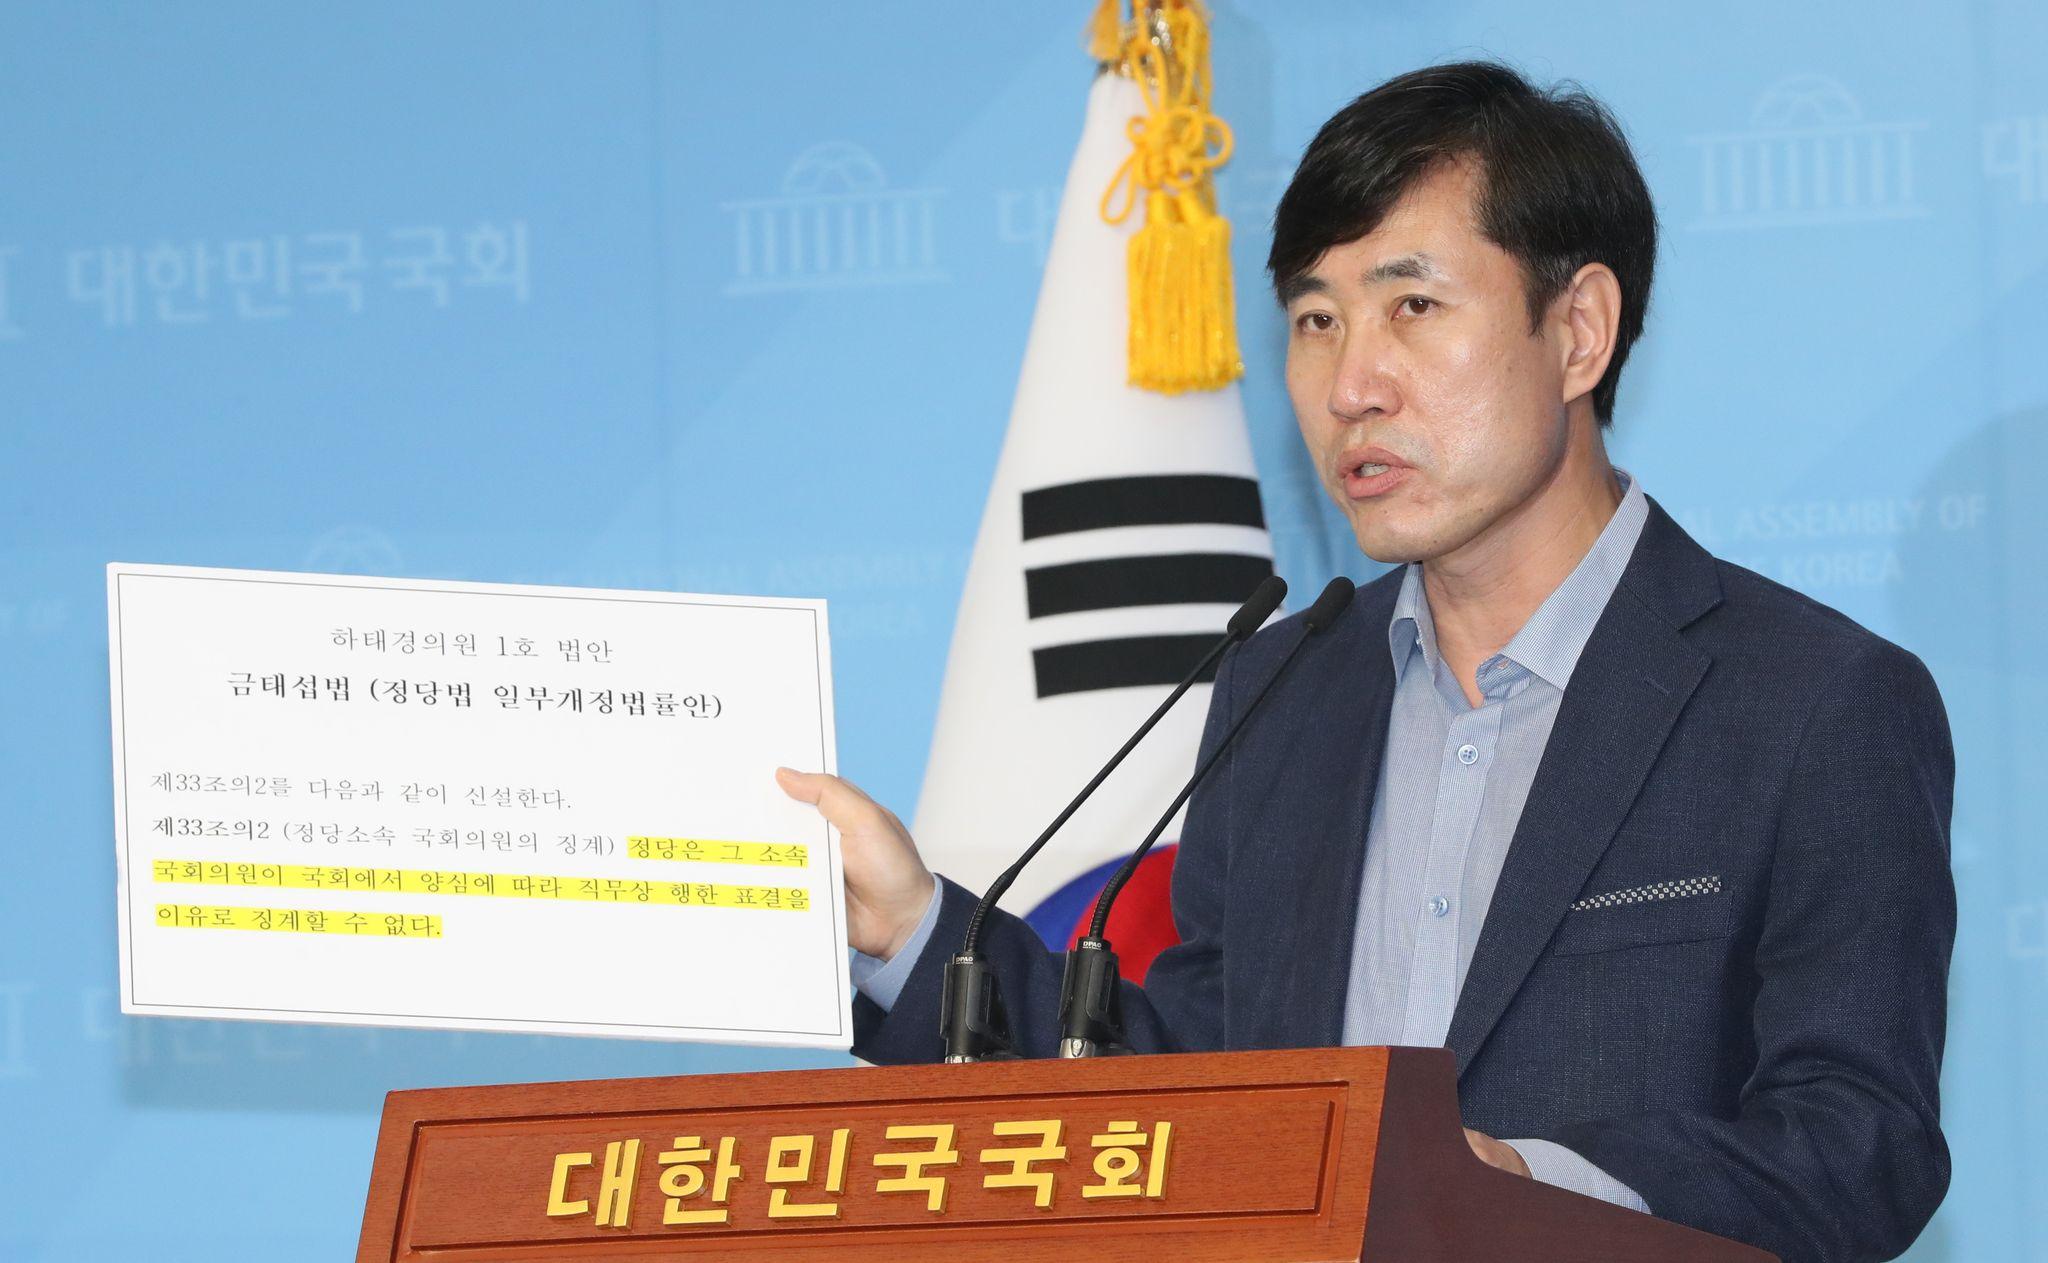 서울시장(葬) 반대 청원 34만명···하태경 대통령 허락 있었나